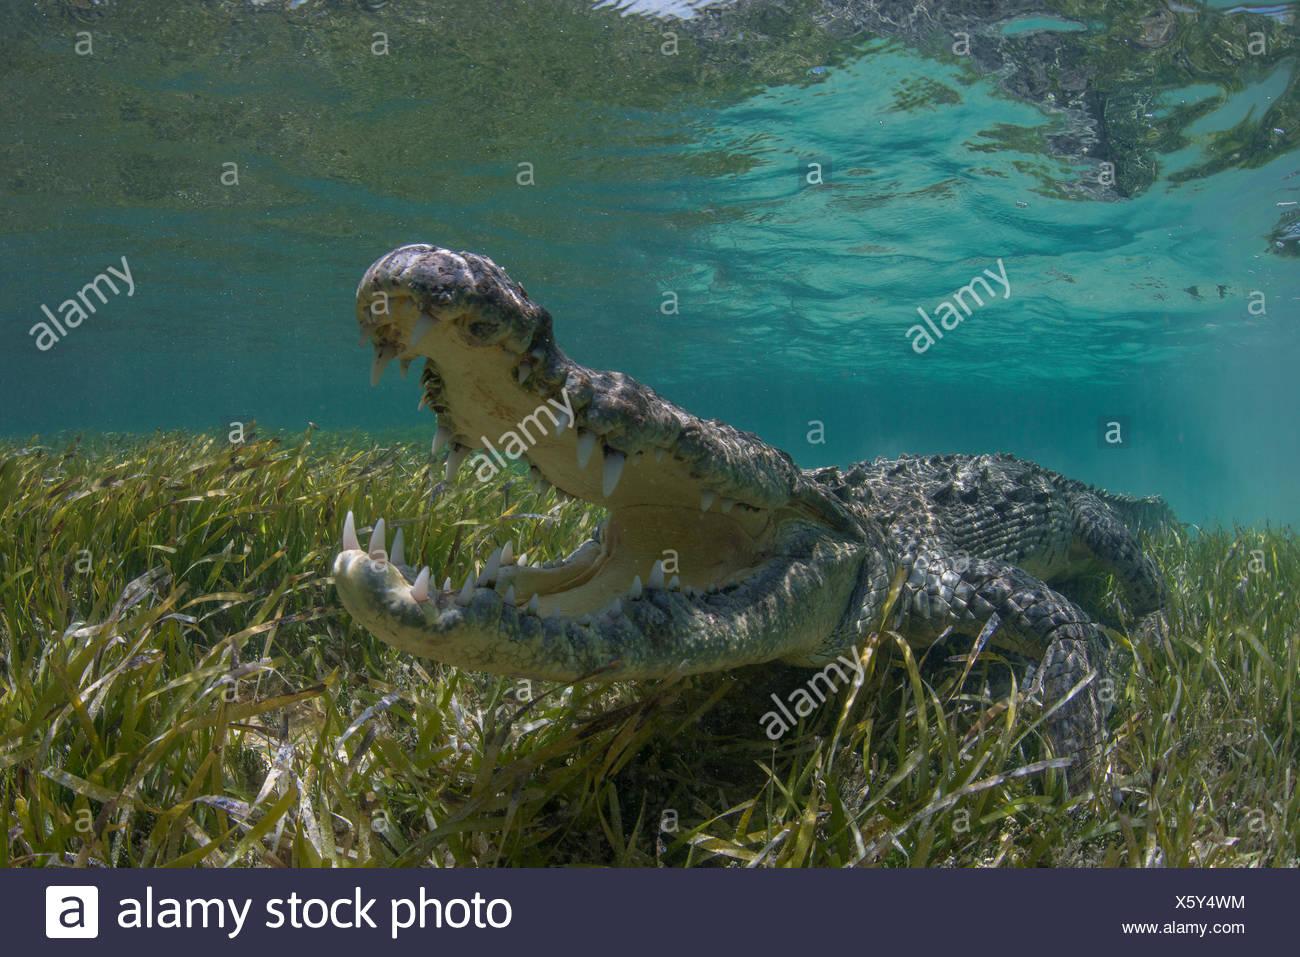 Unterwasser-Blick von Spitzkrokodil in flachen Gewässern von Chinchorro-Atoll-Biosphären-Reservat, Quintana Roo, Mexiko Stockbild